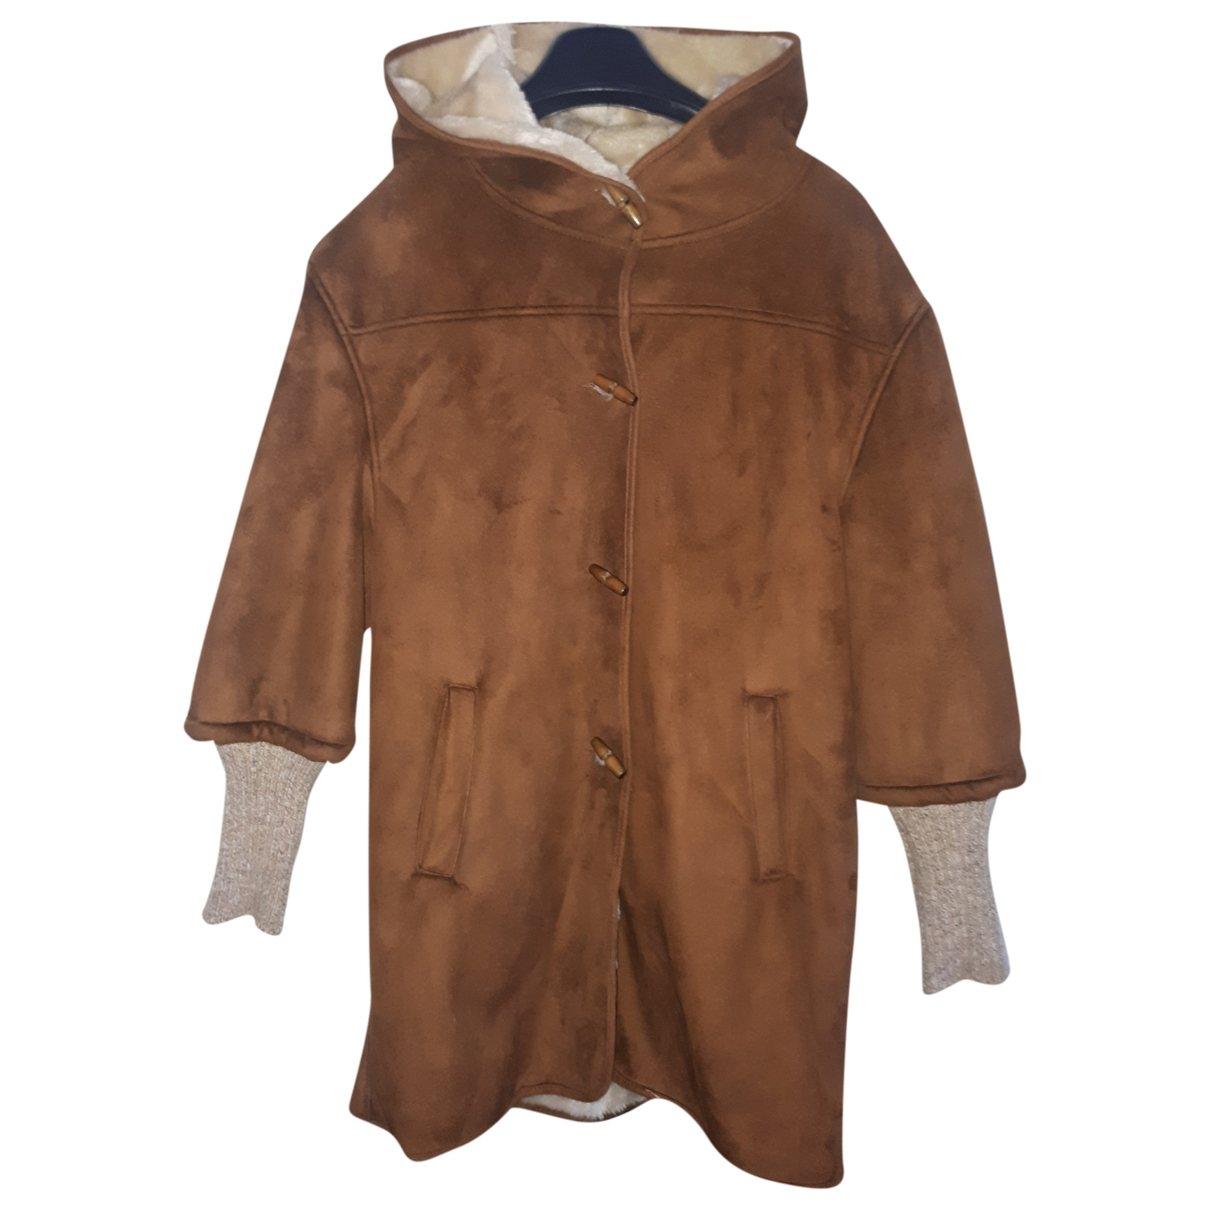 Zara - Blousons.Manteaux   pour enfant - marron